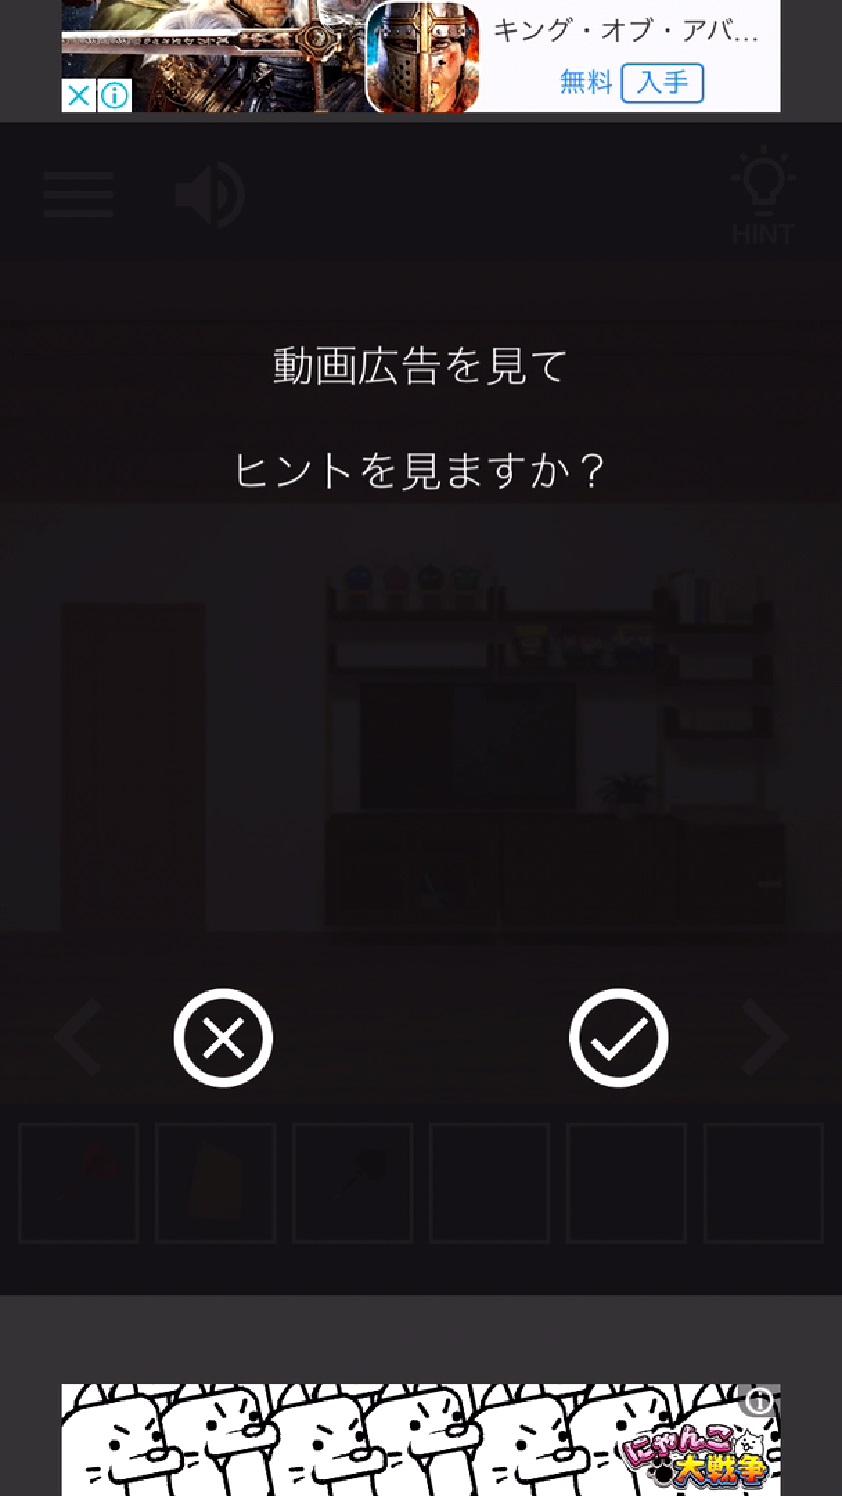 脱出ゲーム ~コーヒー香る隠れ家からの脱出~ androidアプリスクリーンショット3